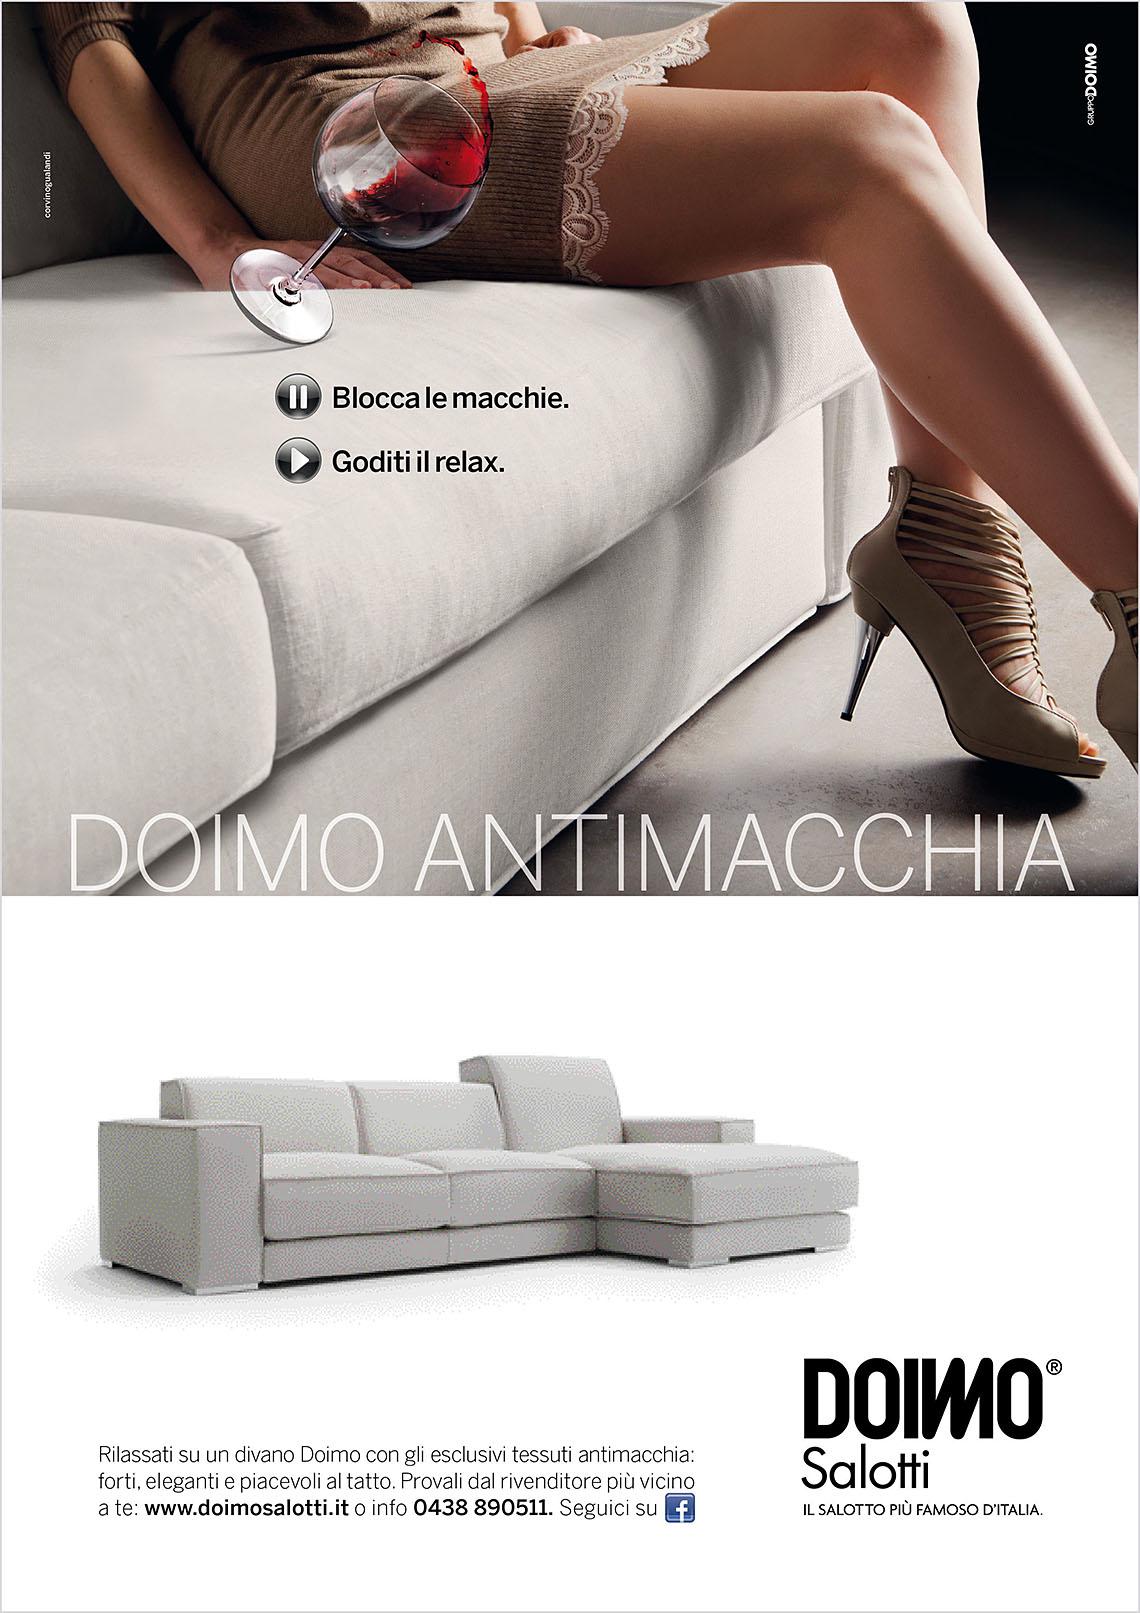 CGA-Adv-DOIMO-2013